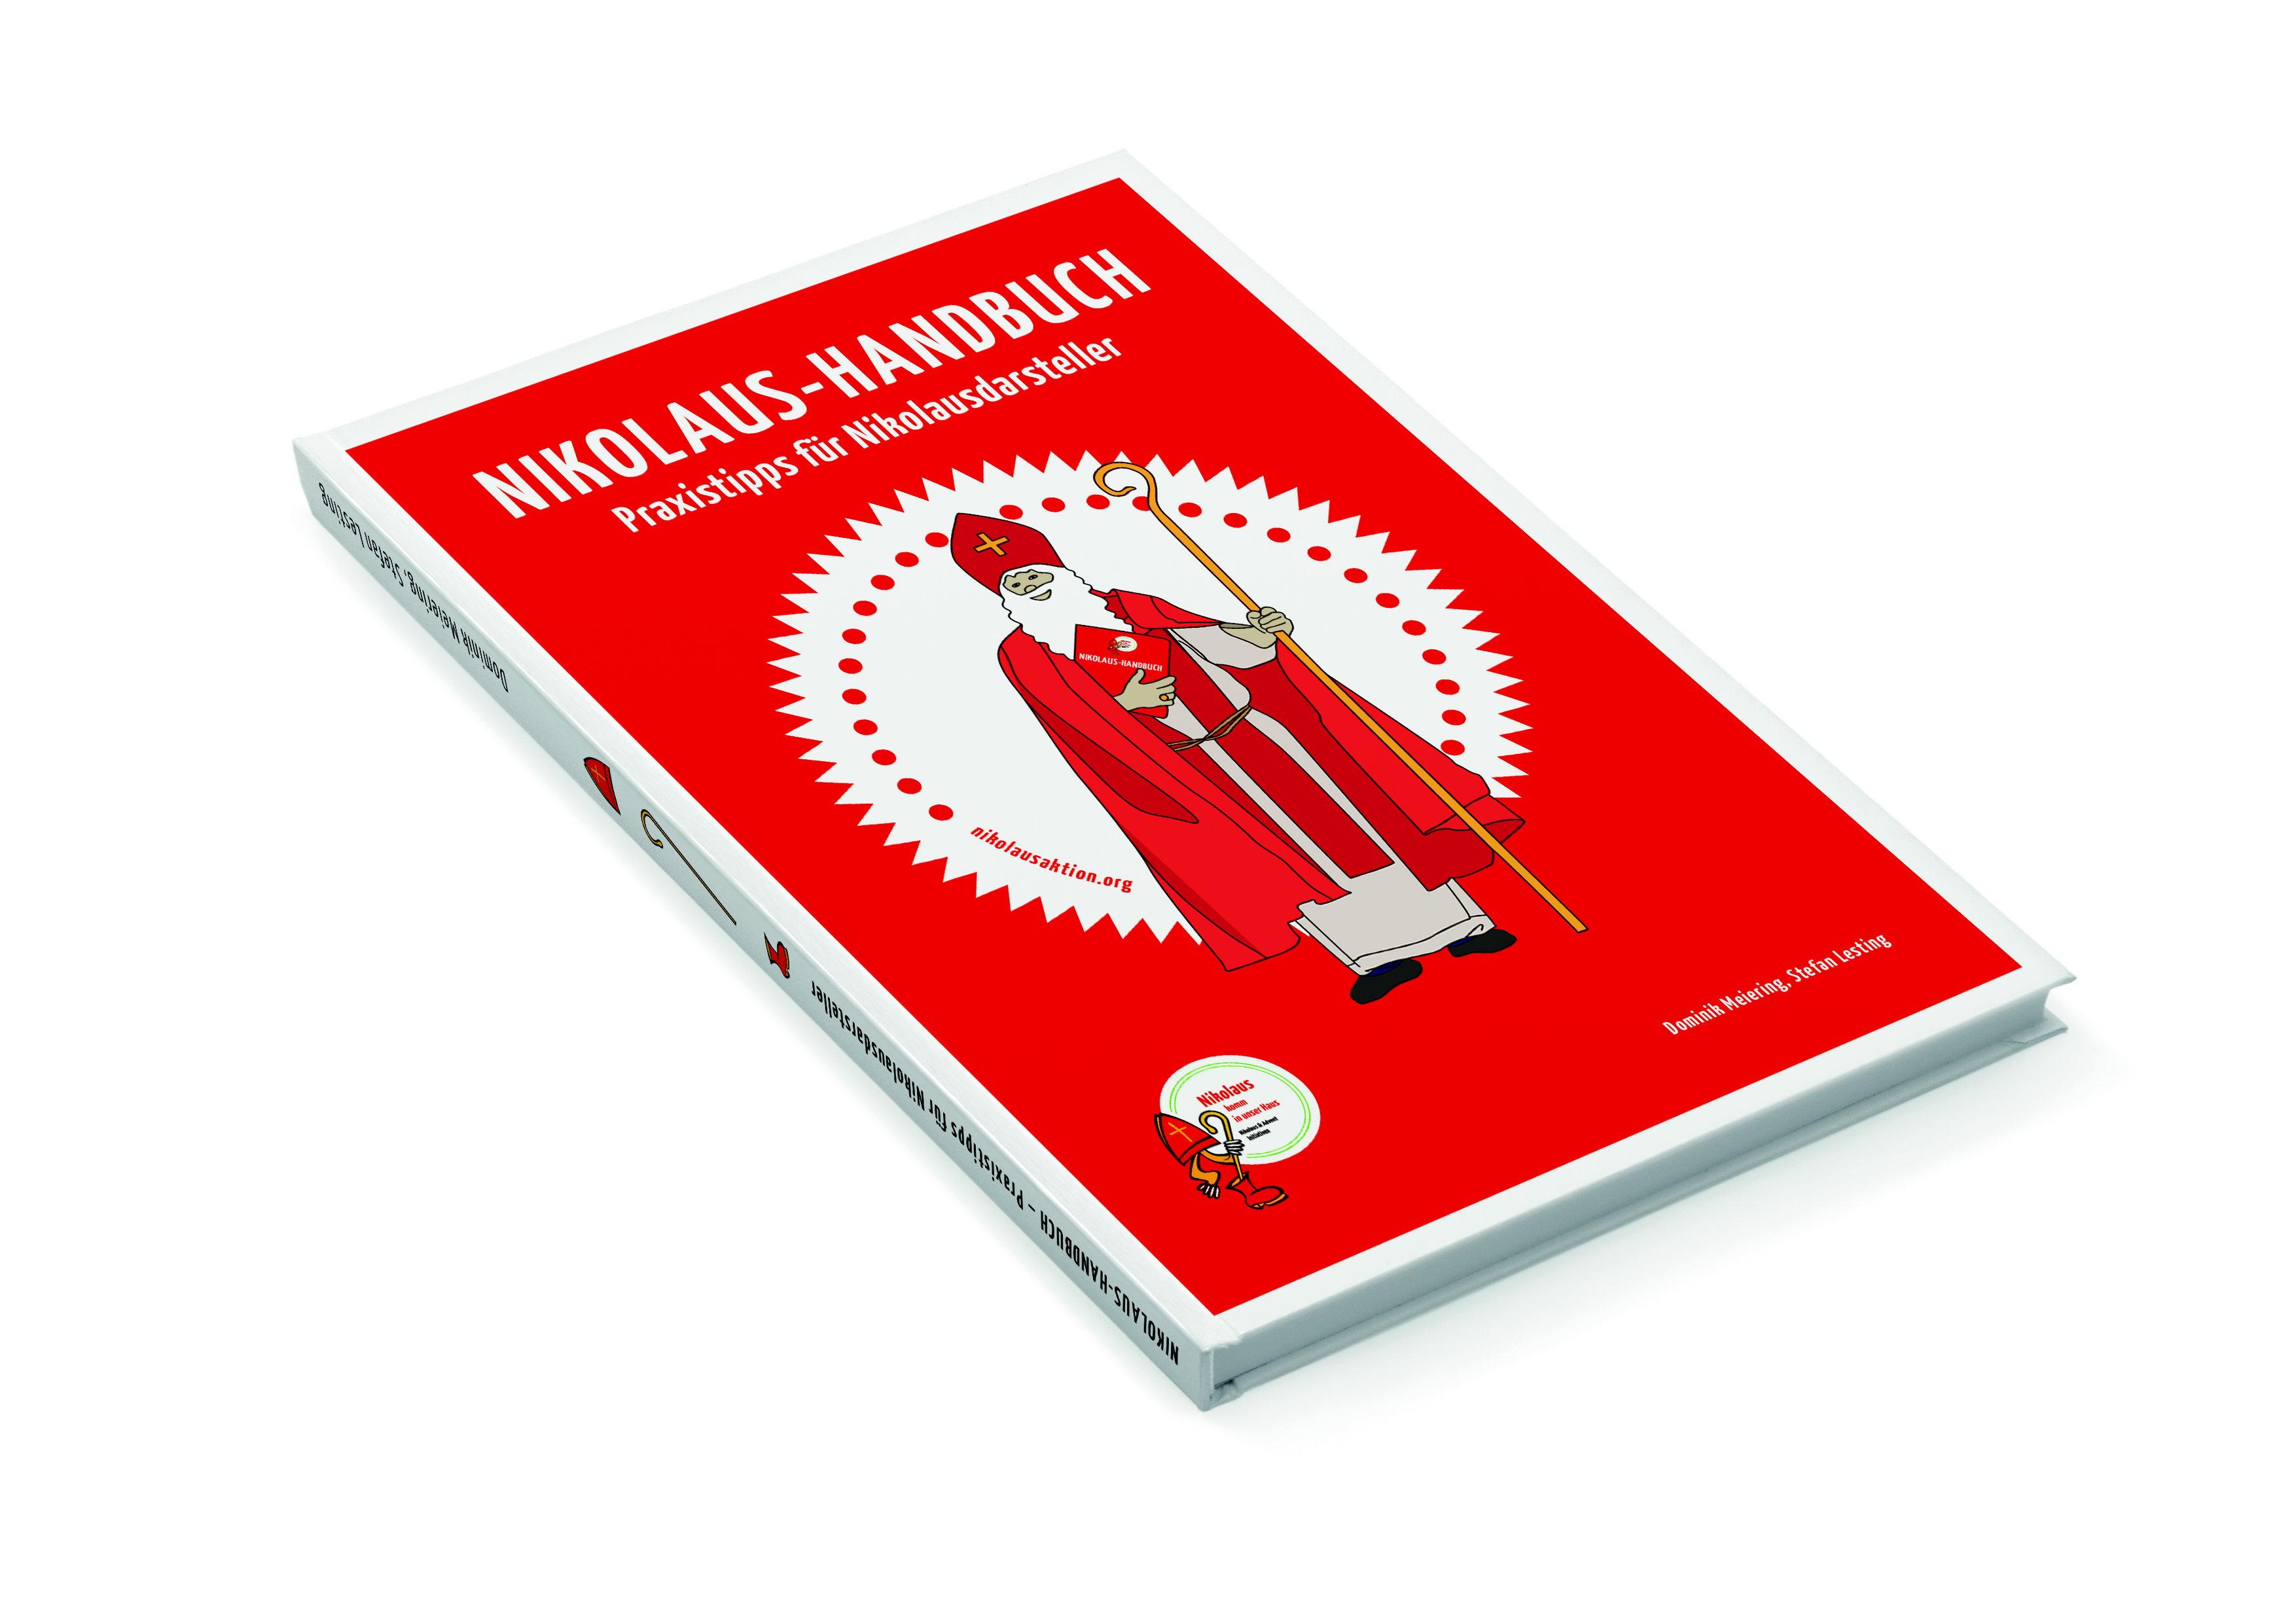 Nikolaus-Handbuch2